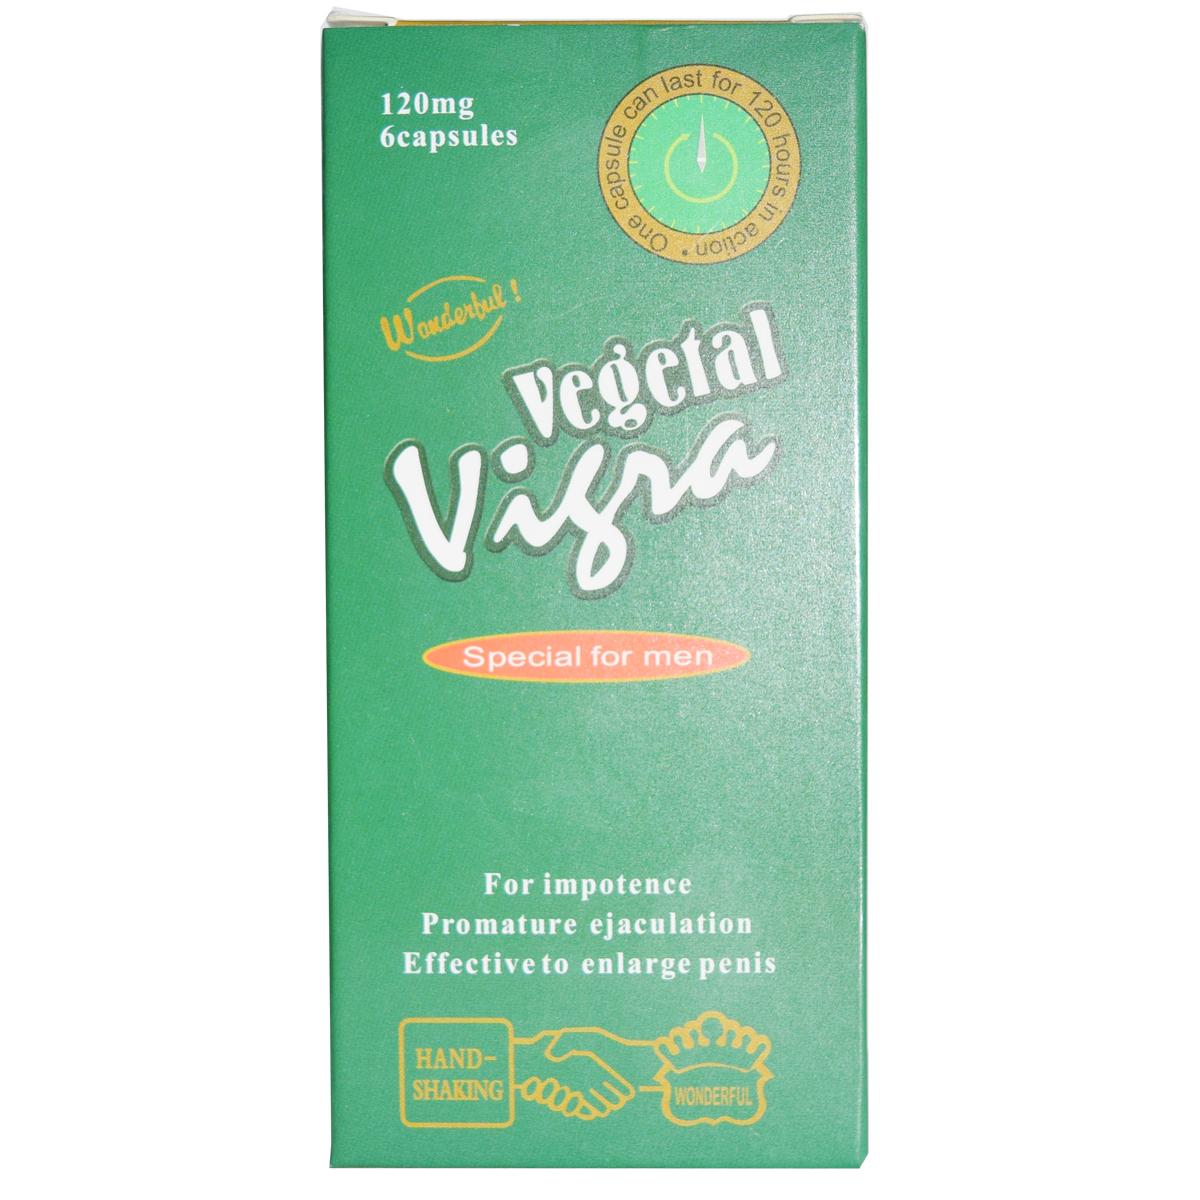 Viagra Thảo Dược Vigra Vegetal 120mg Vũng Tàu